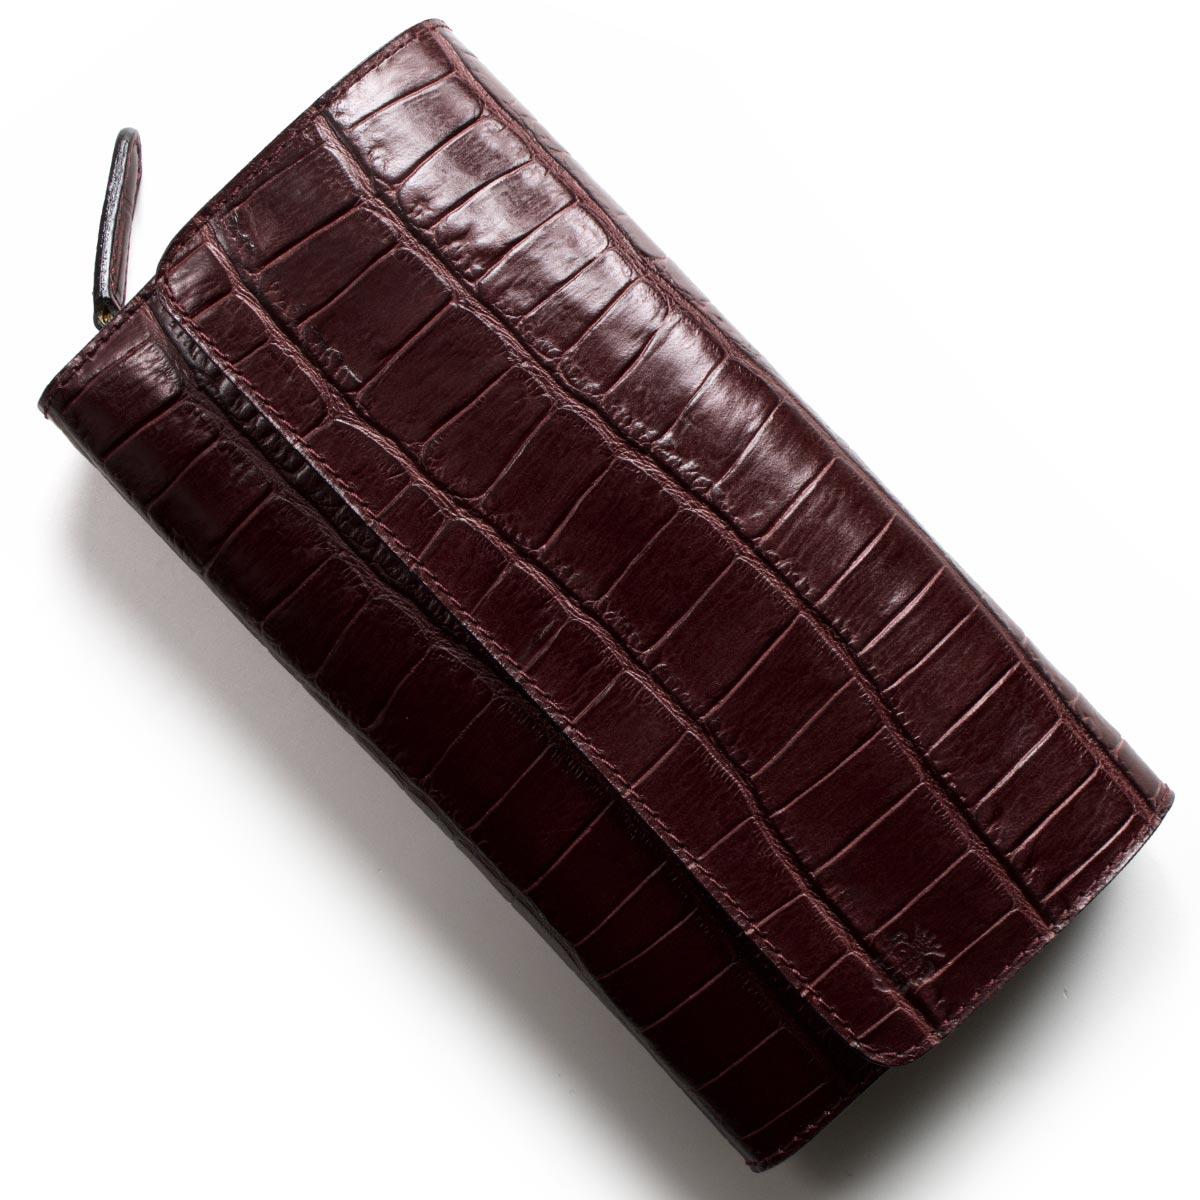 sale retailer 26071 34f7d フェリージ 長財布 財布 メンズ レディース クロコ型押し ボルドー 447 SA 0026 FELISI